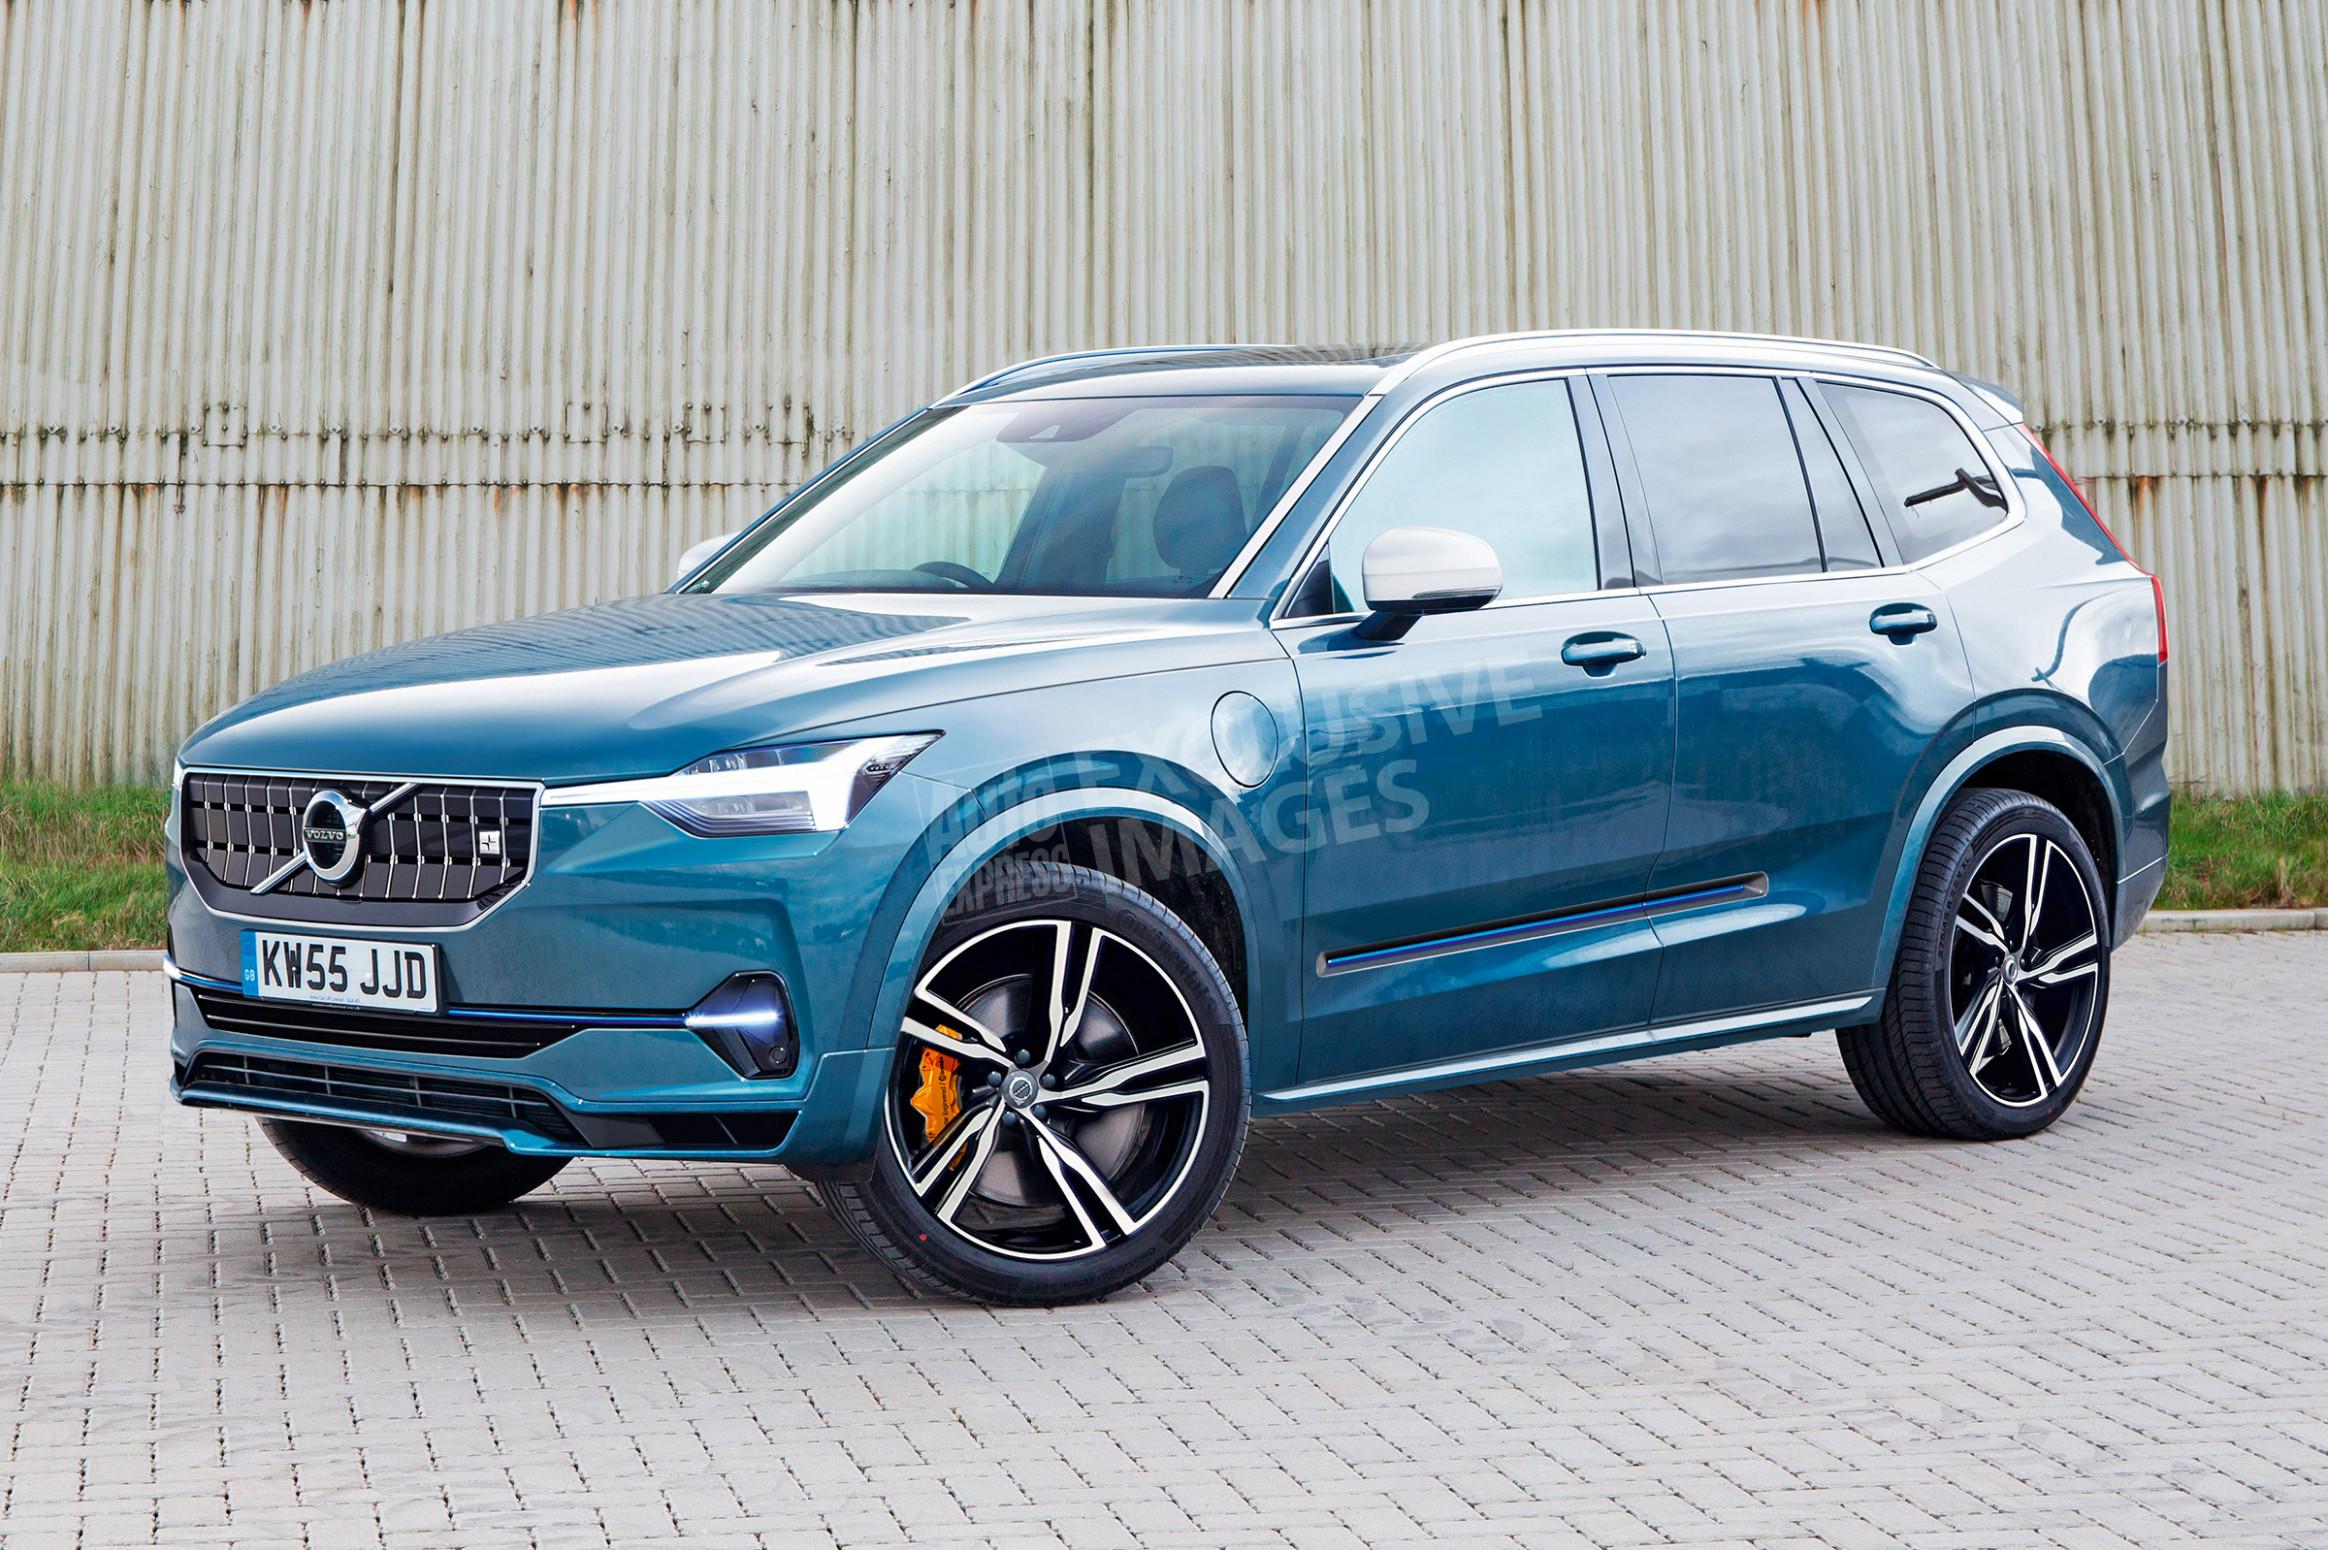 Rumors Volvo New Models 2022